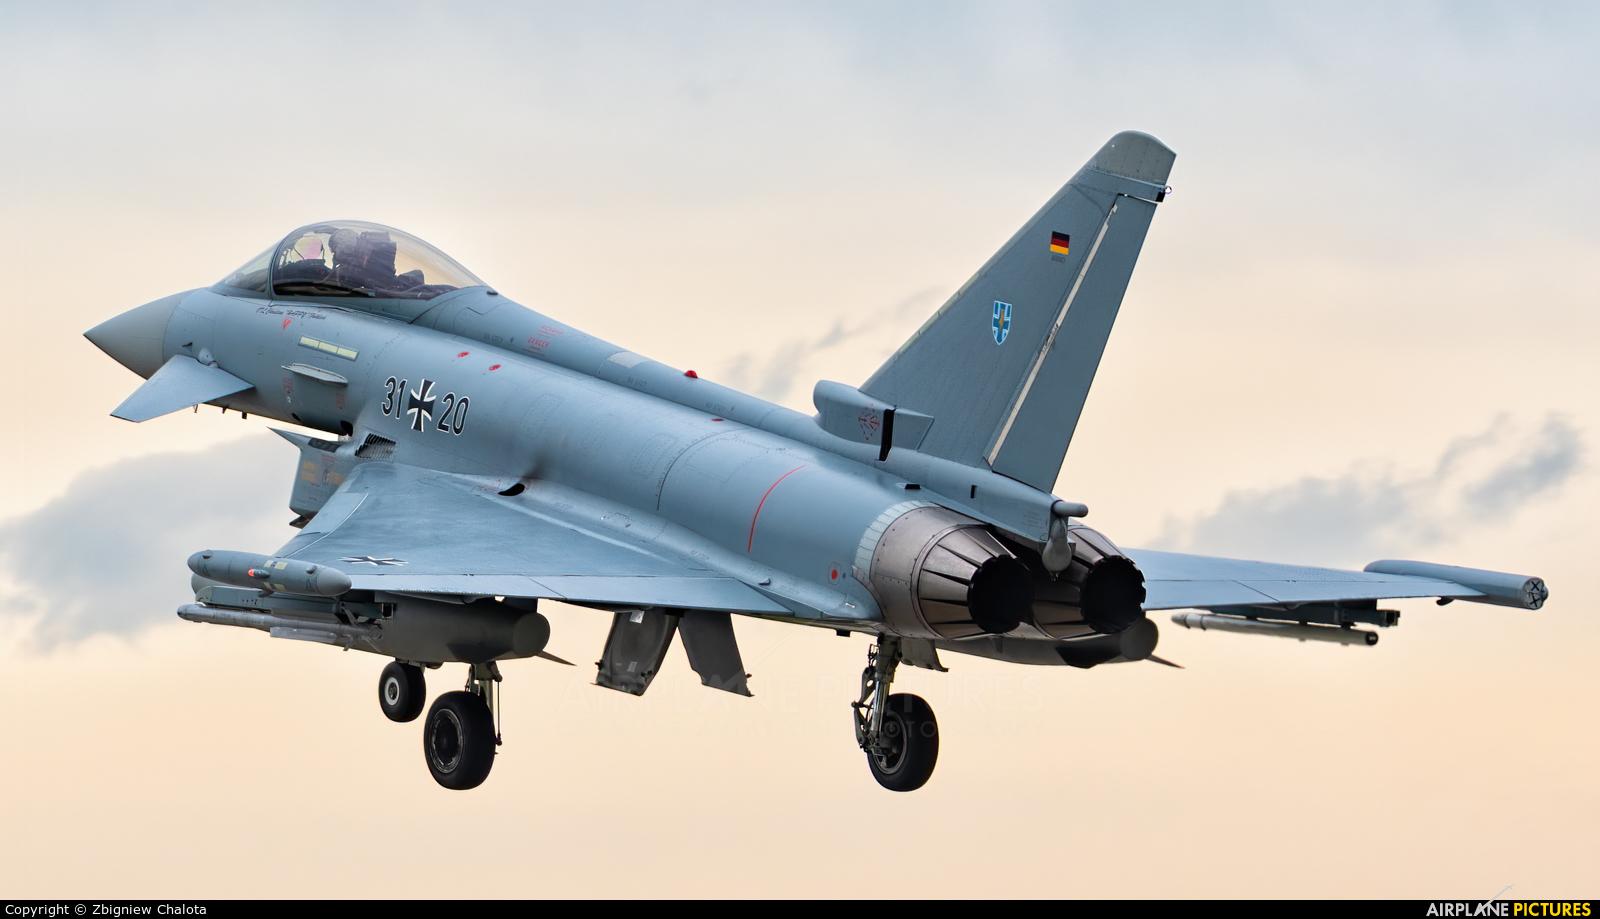 Germany - Air Force 31+20 aircraft at Neuburg - Zell